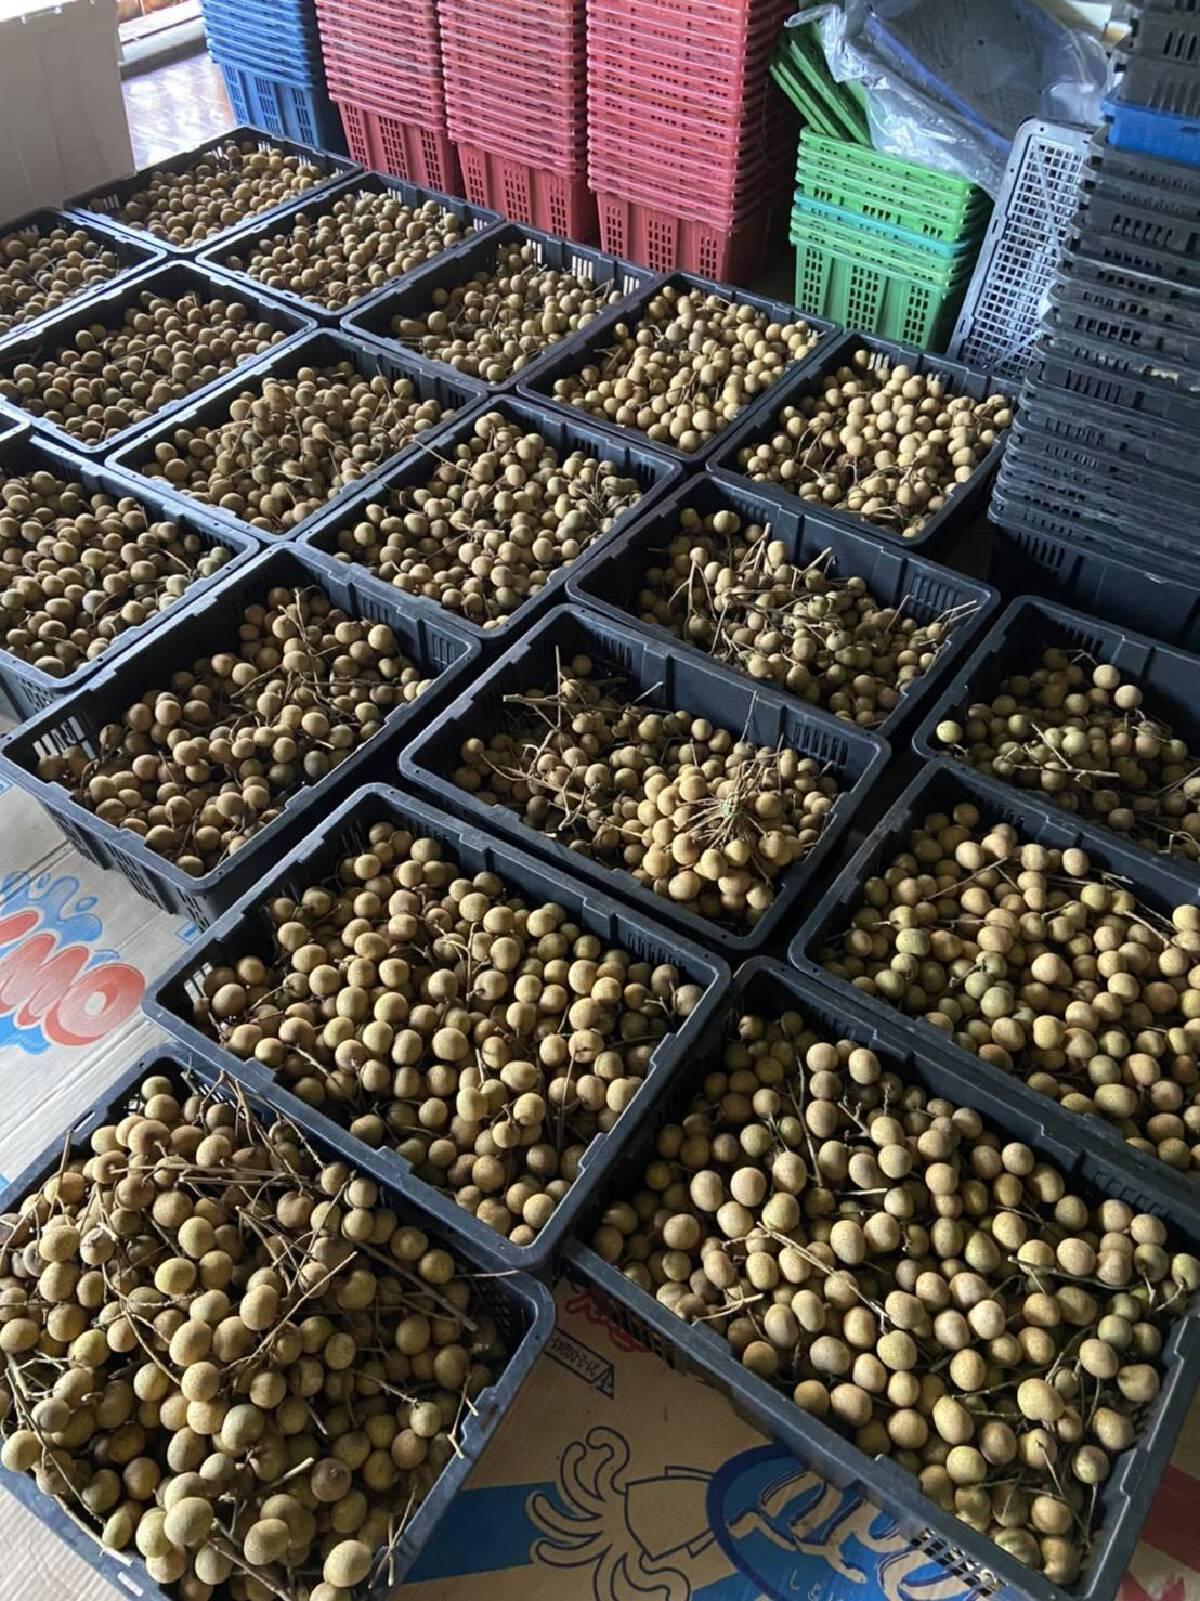 โตโน่ ภาคิน ช่วยเกษตรกร เหมาผลไม้ 4 ตัน แจกจ่ายชุมชน-รพ.สนาม